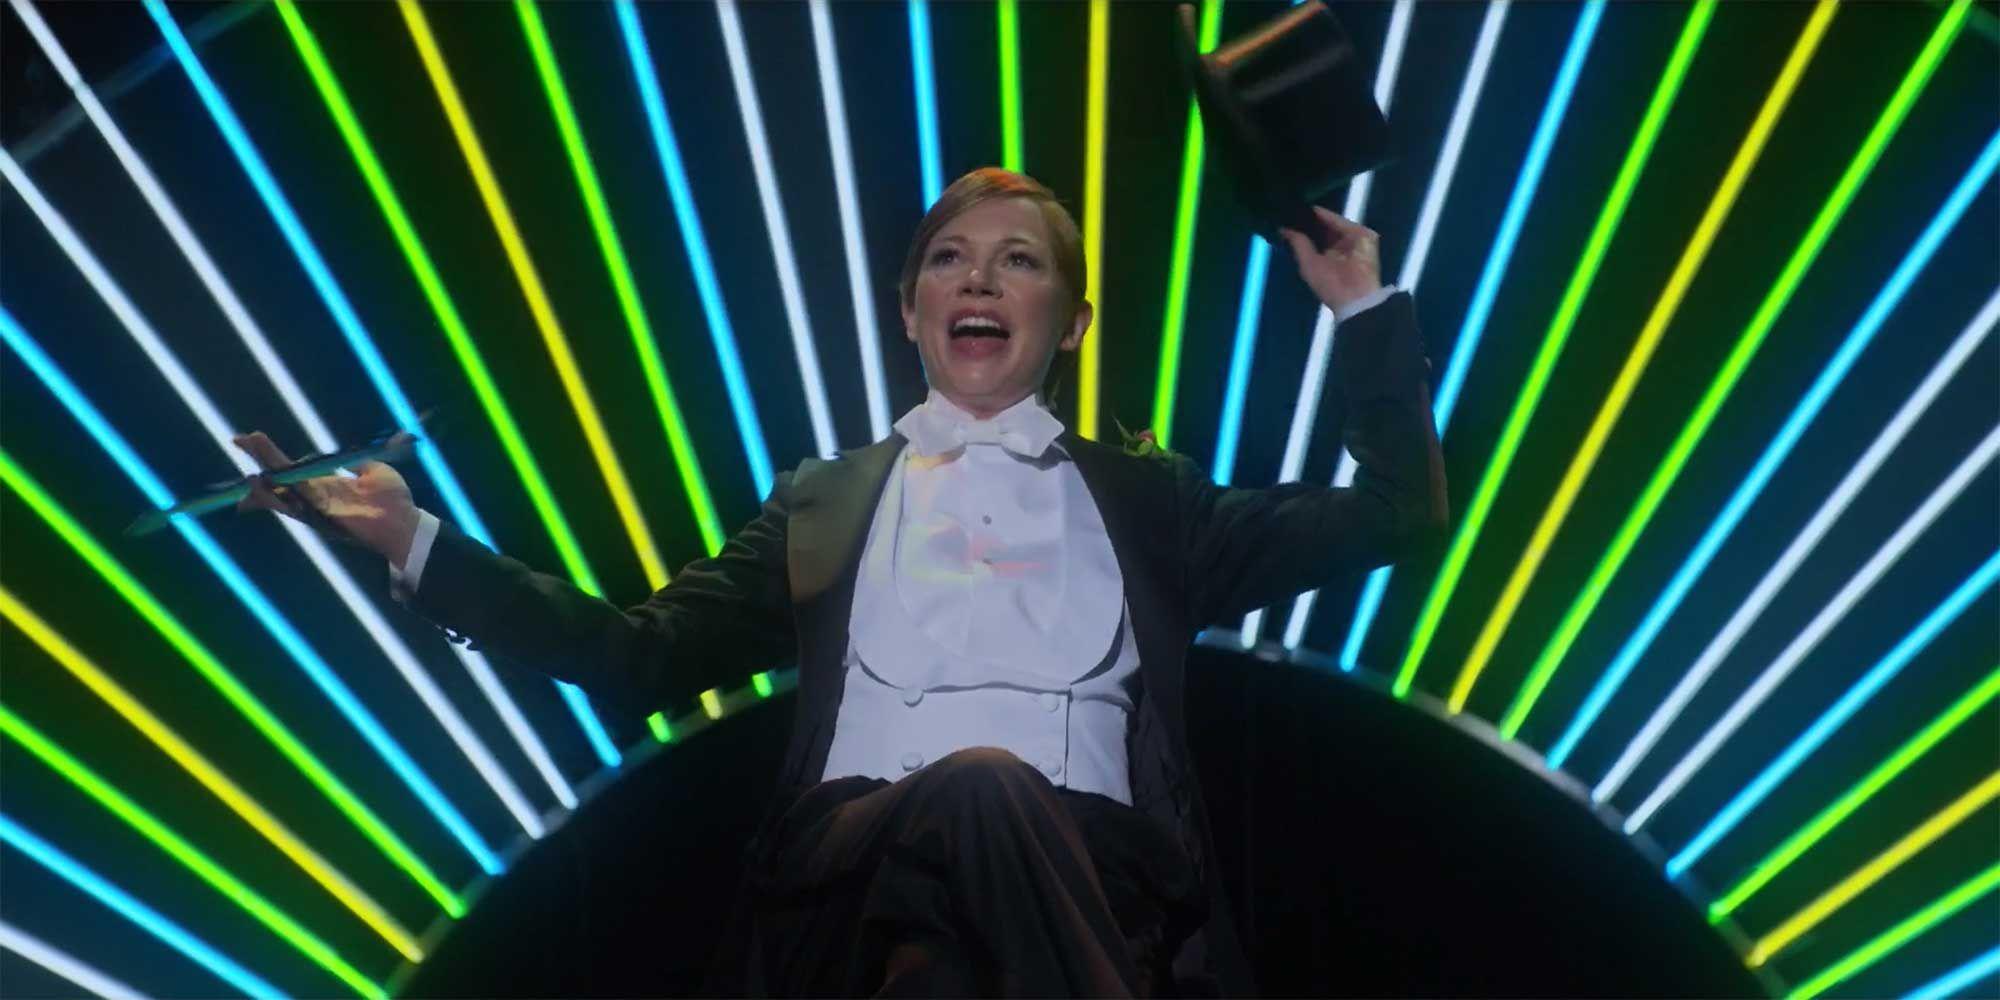 'Fosse/Verdon' 1x07: La otra cara de Gwen - Crítica de 'Fosse/Verdon', la nueva serie de HBO España